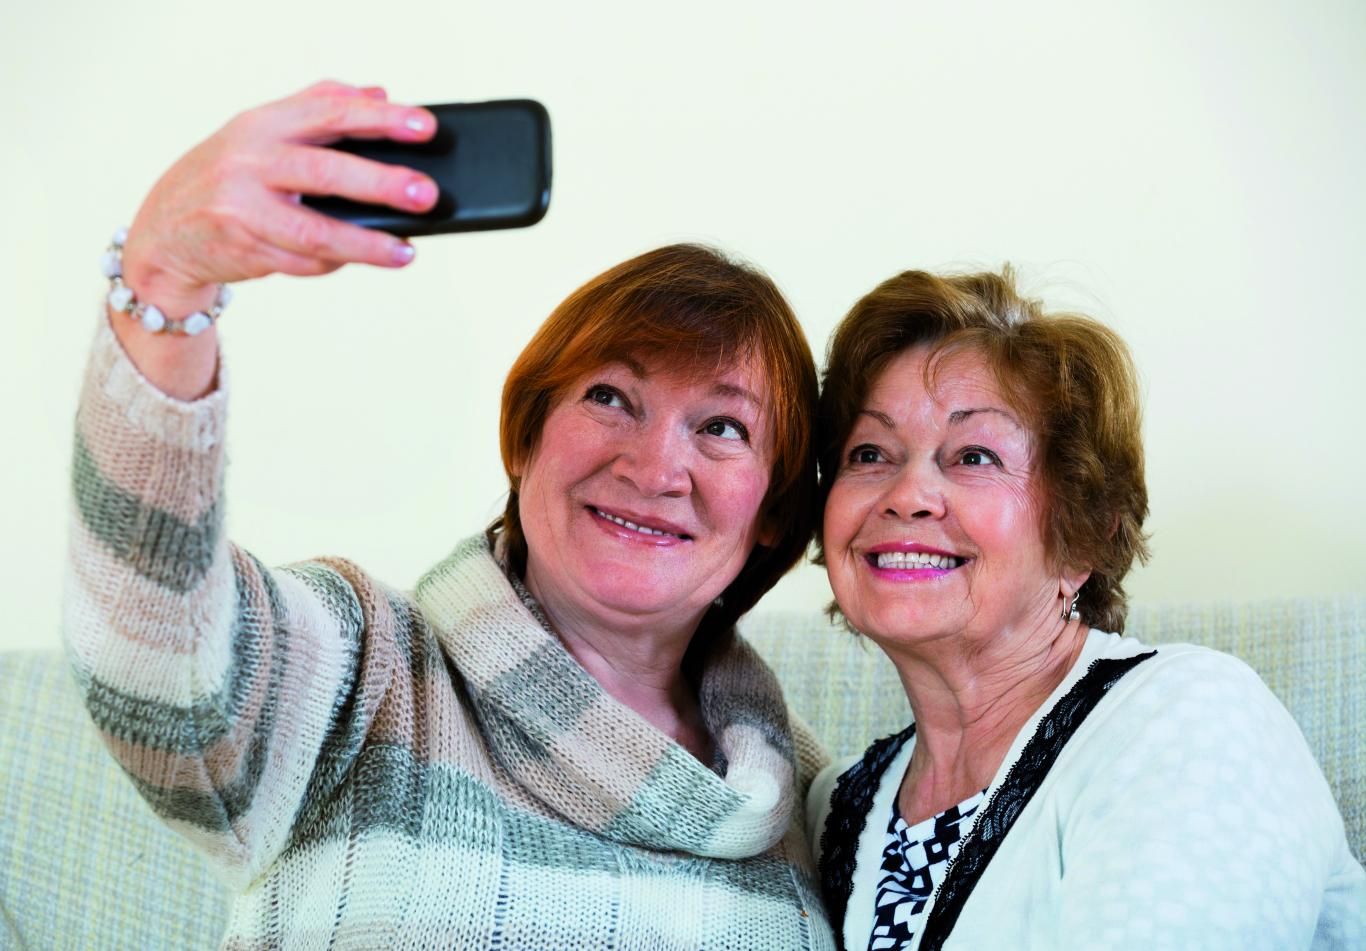 Mujeres haciendo un selfie